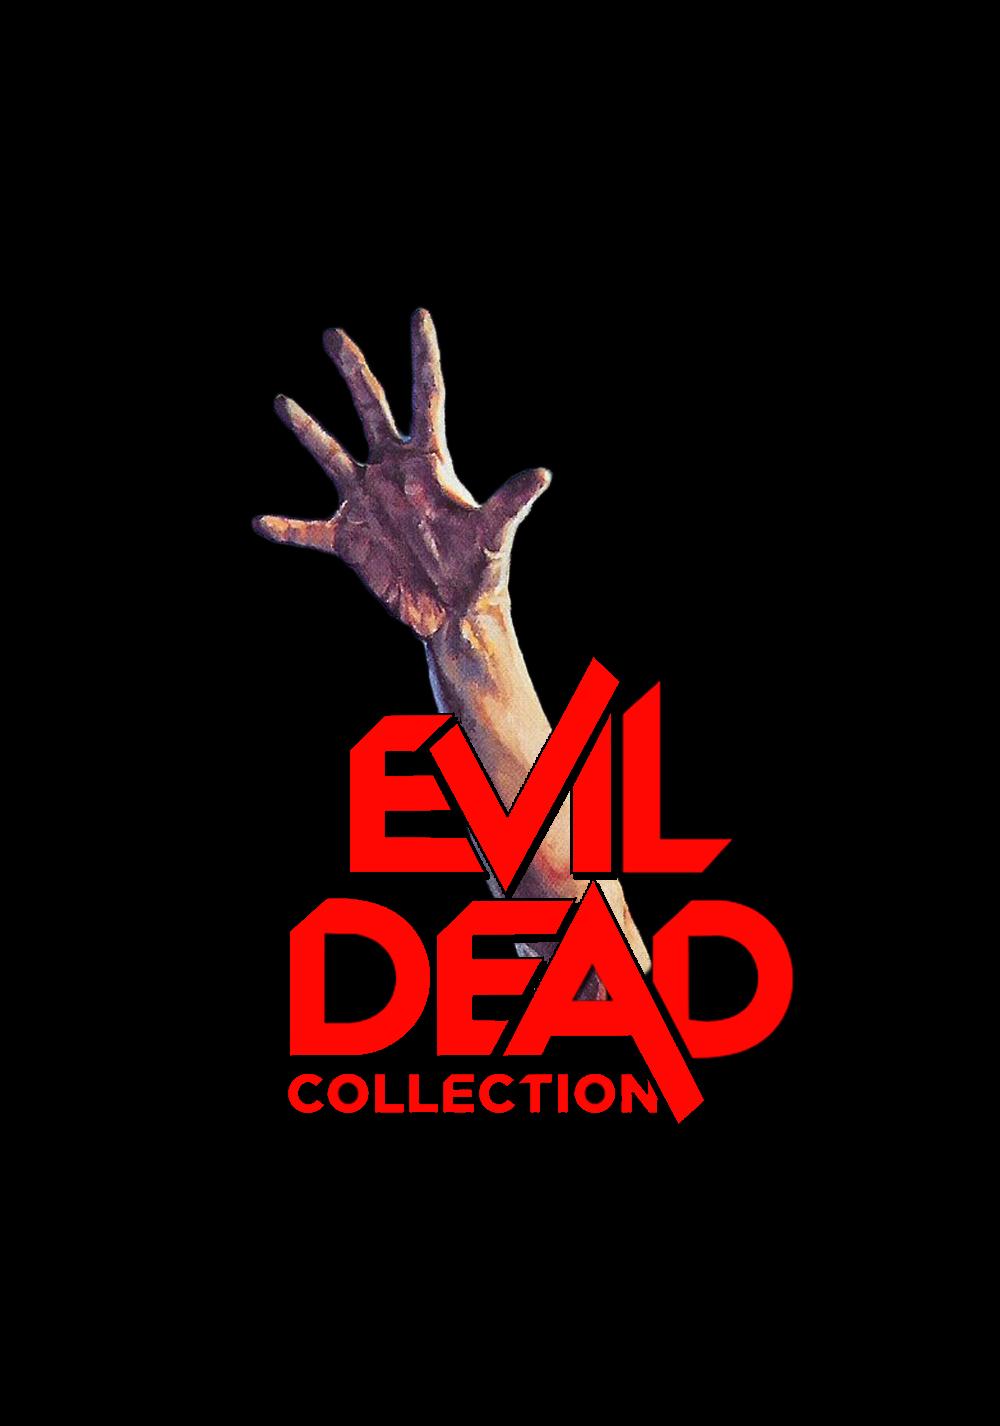 Evil Dead Collection Movie Fanart Fanart Tv Evil Fan Art Dead